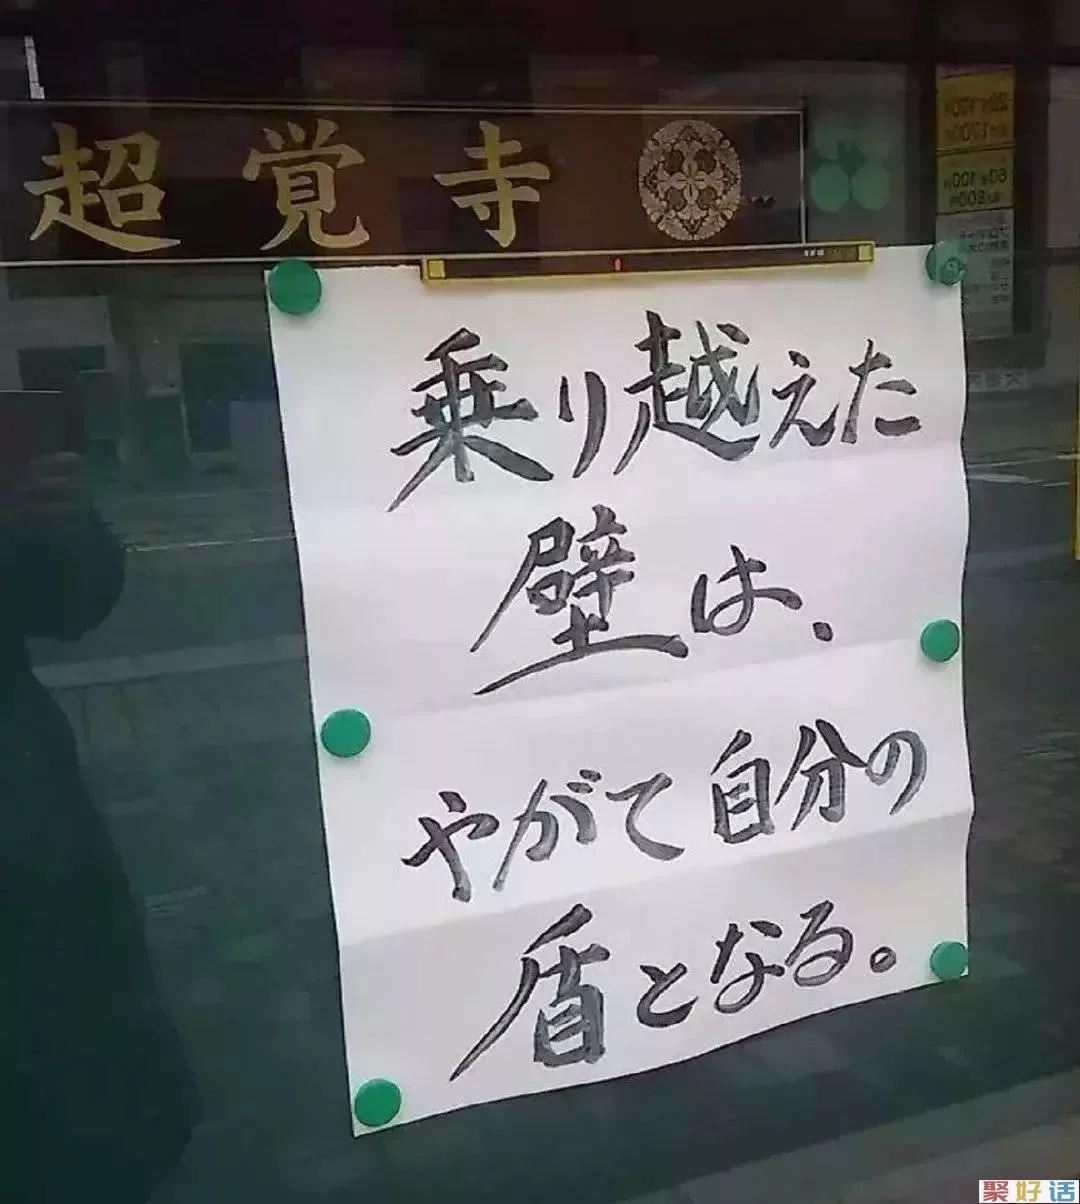 日本寺庙文案,都是大智慧啊!(更新版)插图29